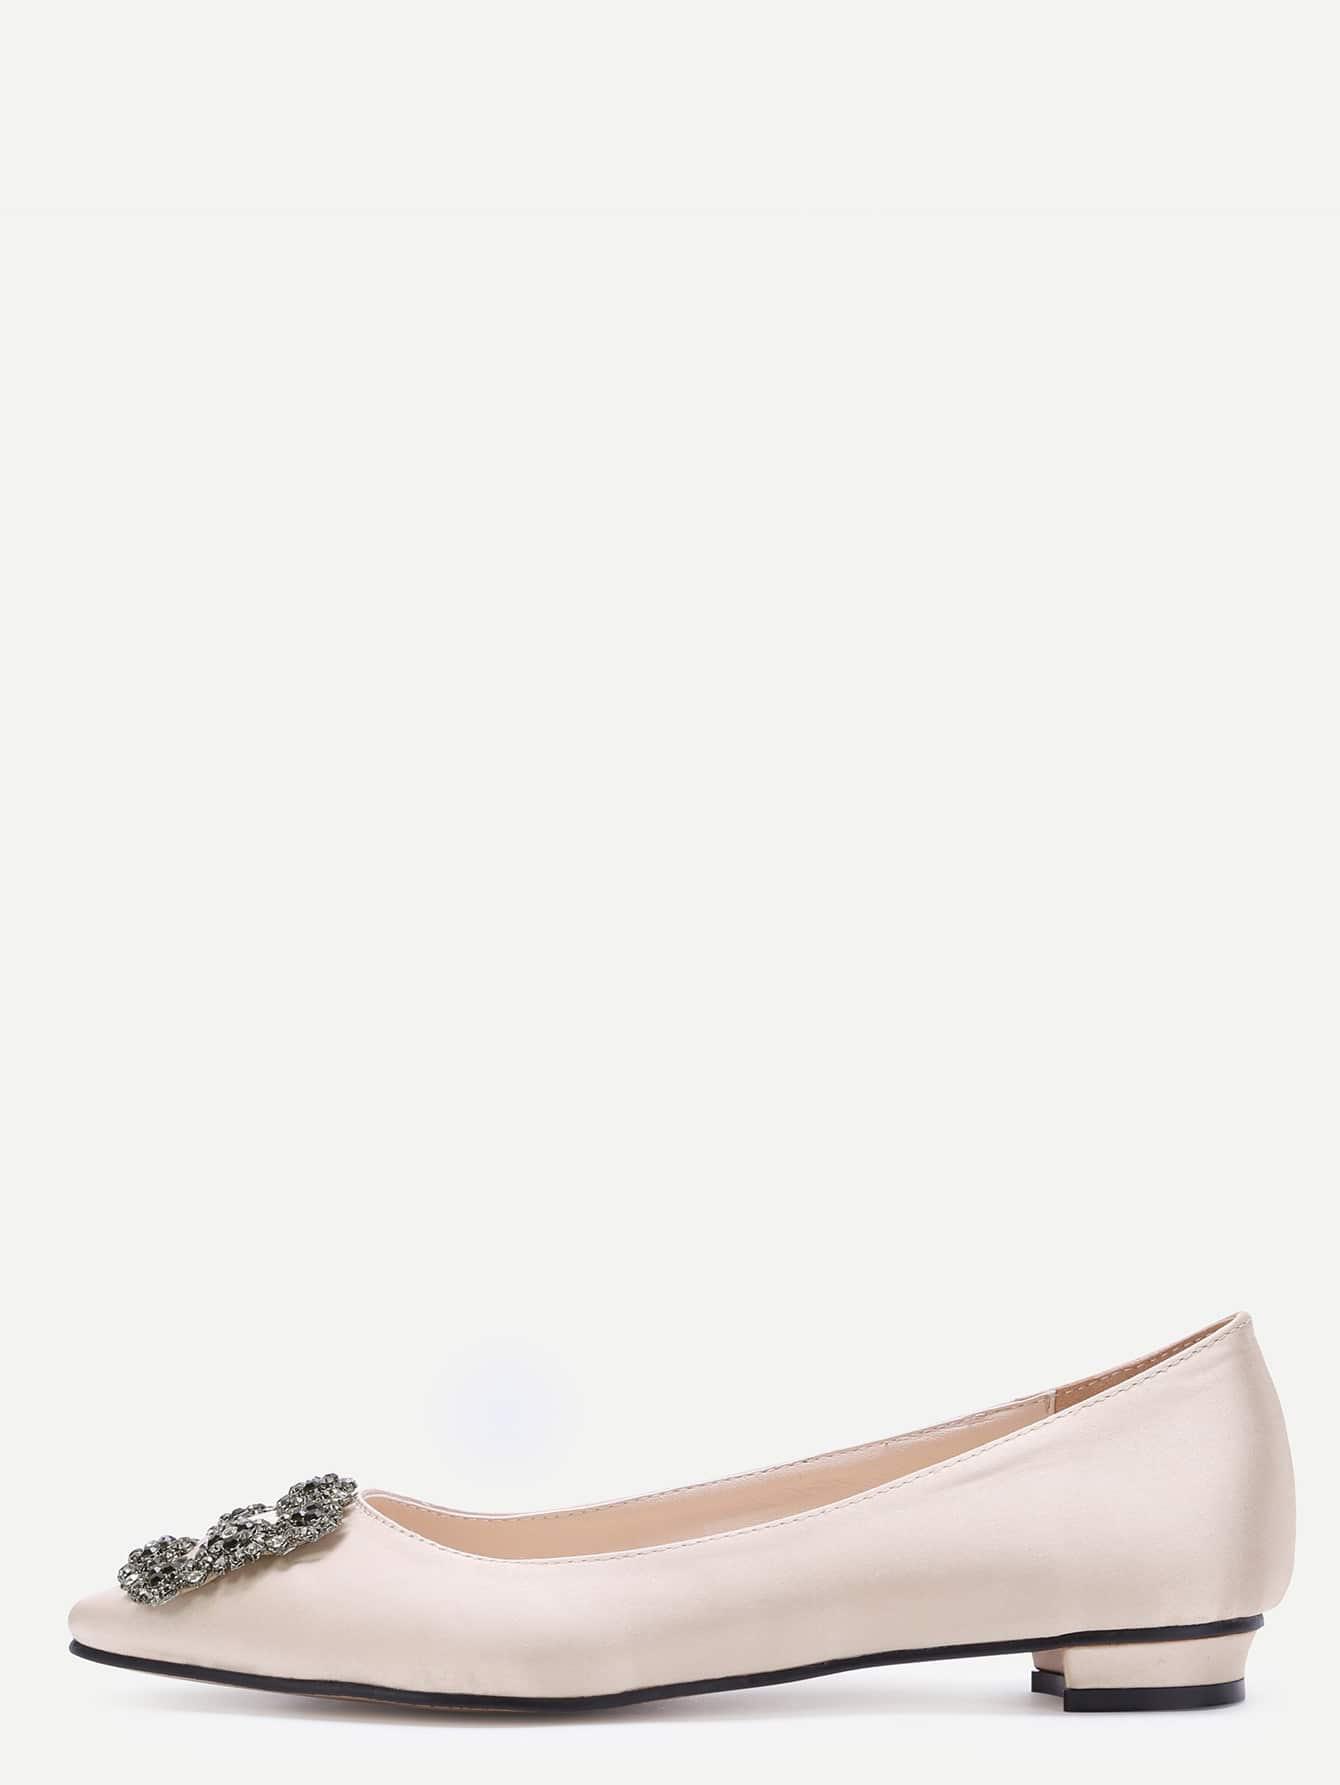 shoes170104806_2